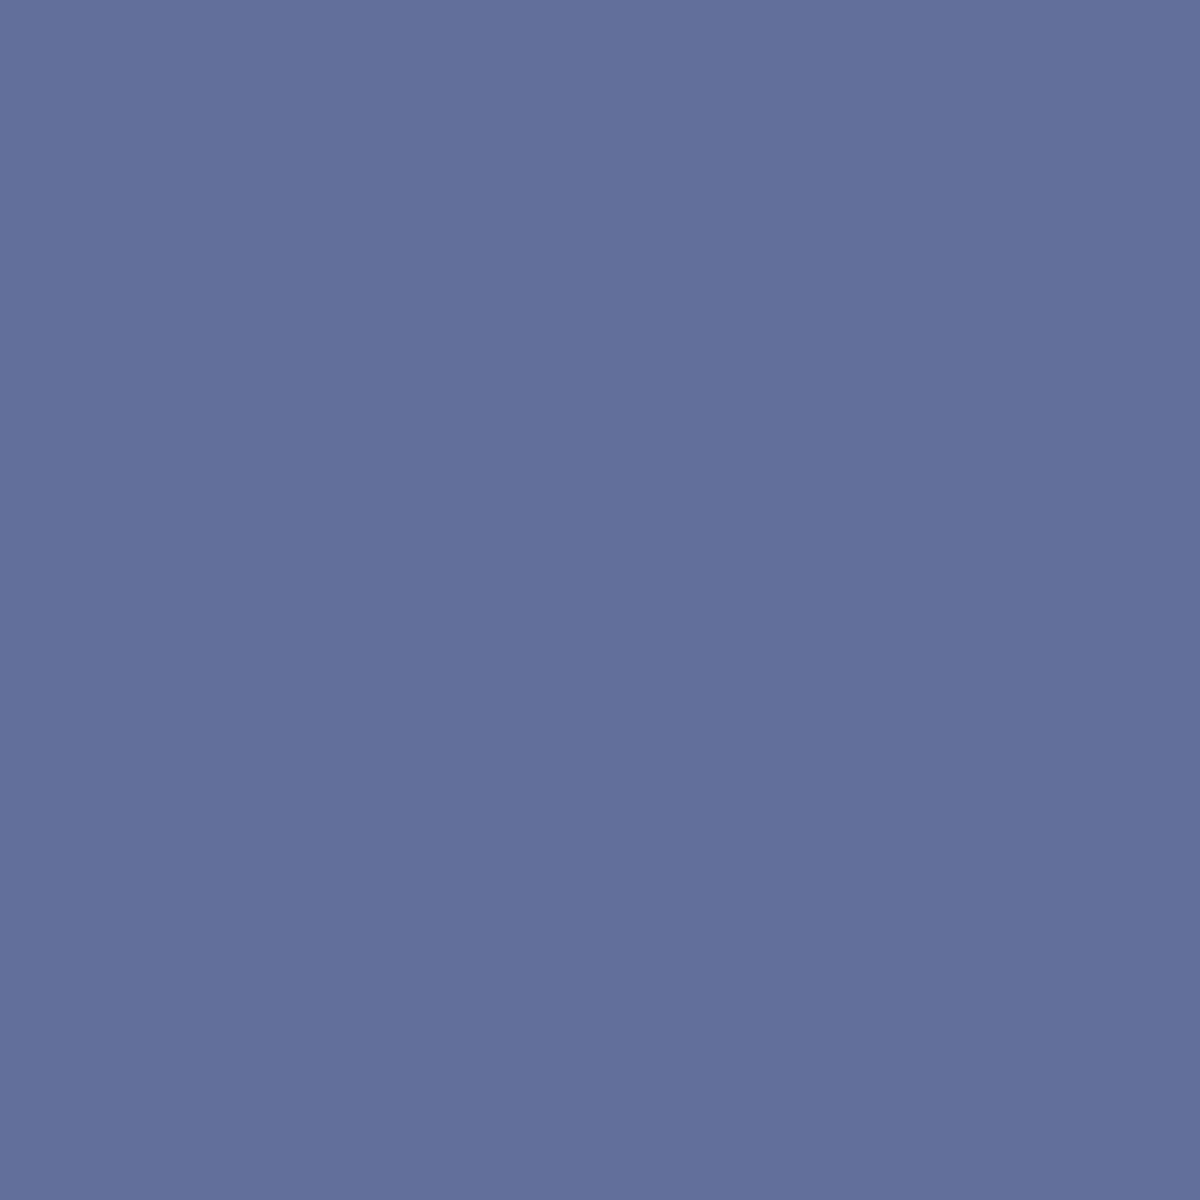 Riley Blake, Confetti Solid Coastal Blue